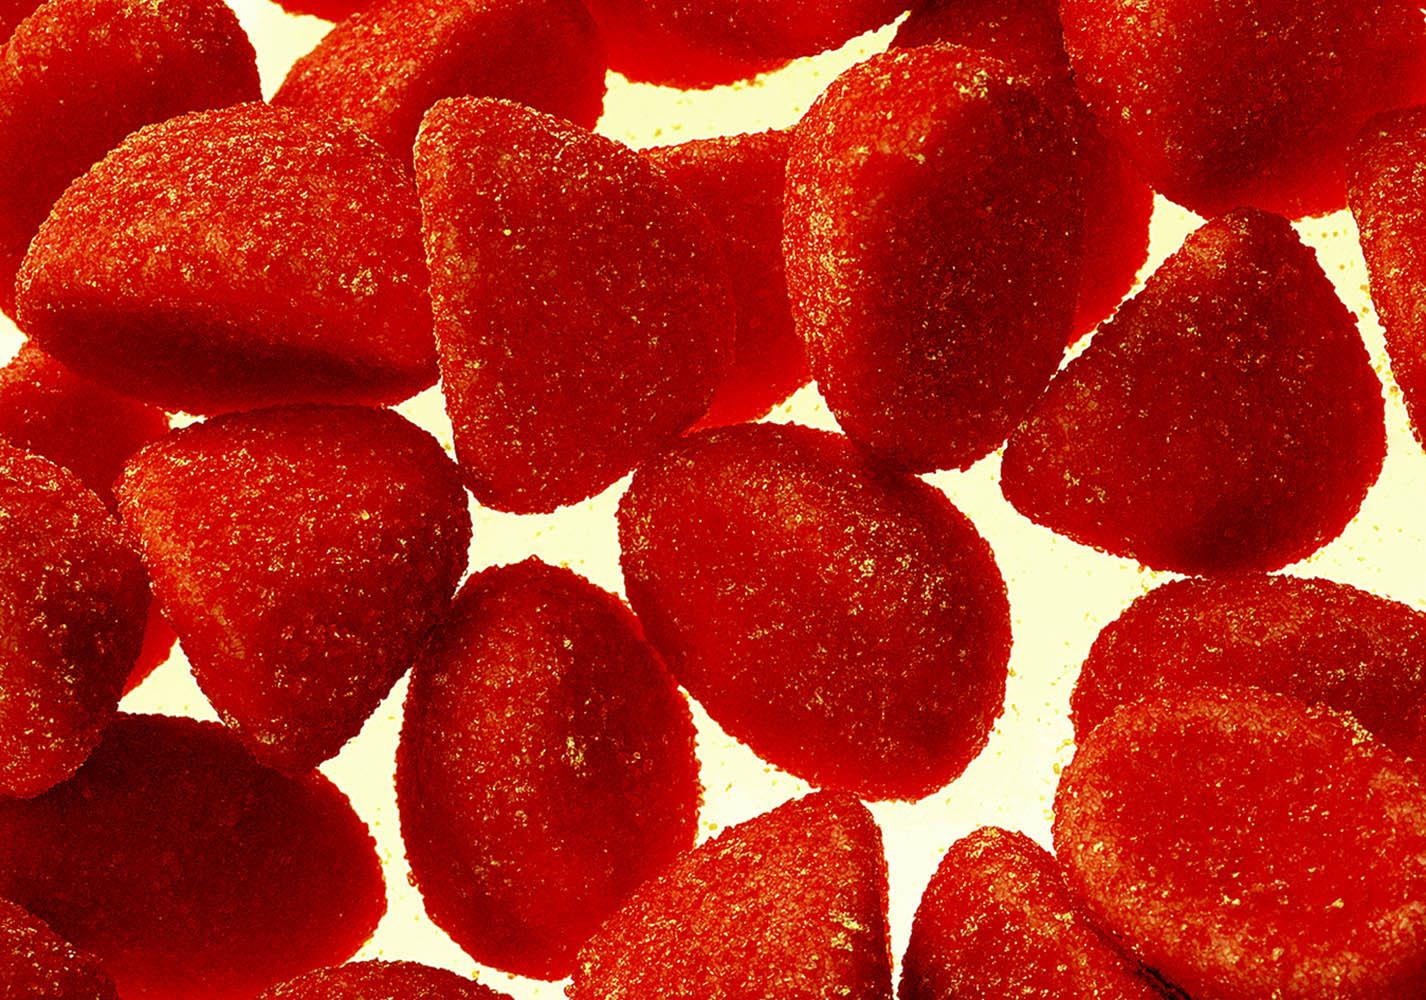 primavera-erdbeeren